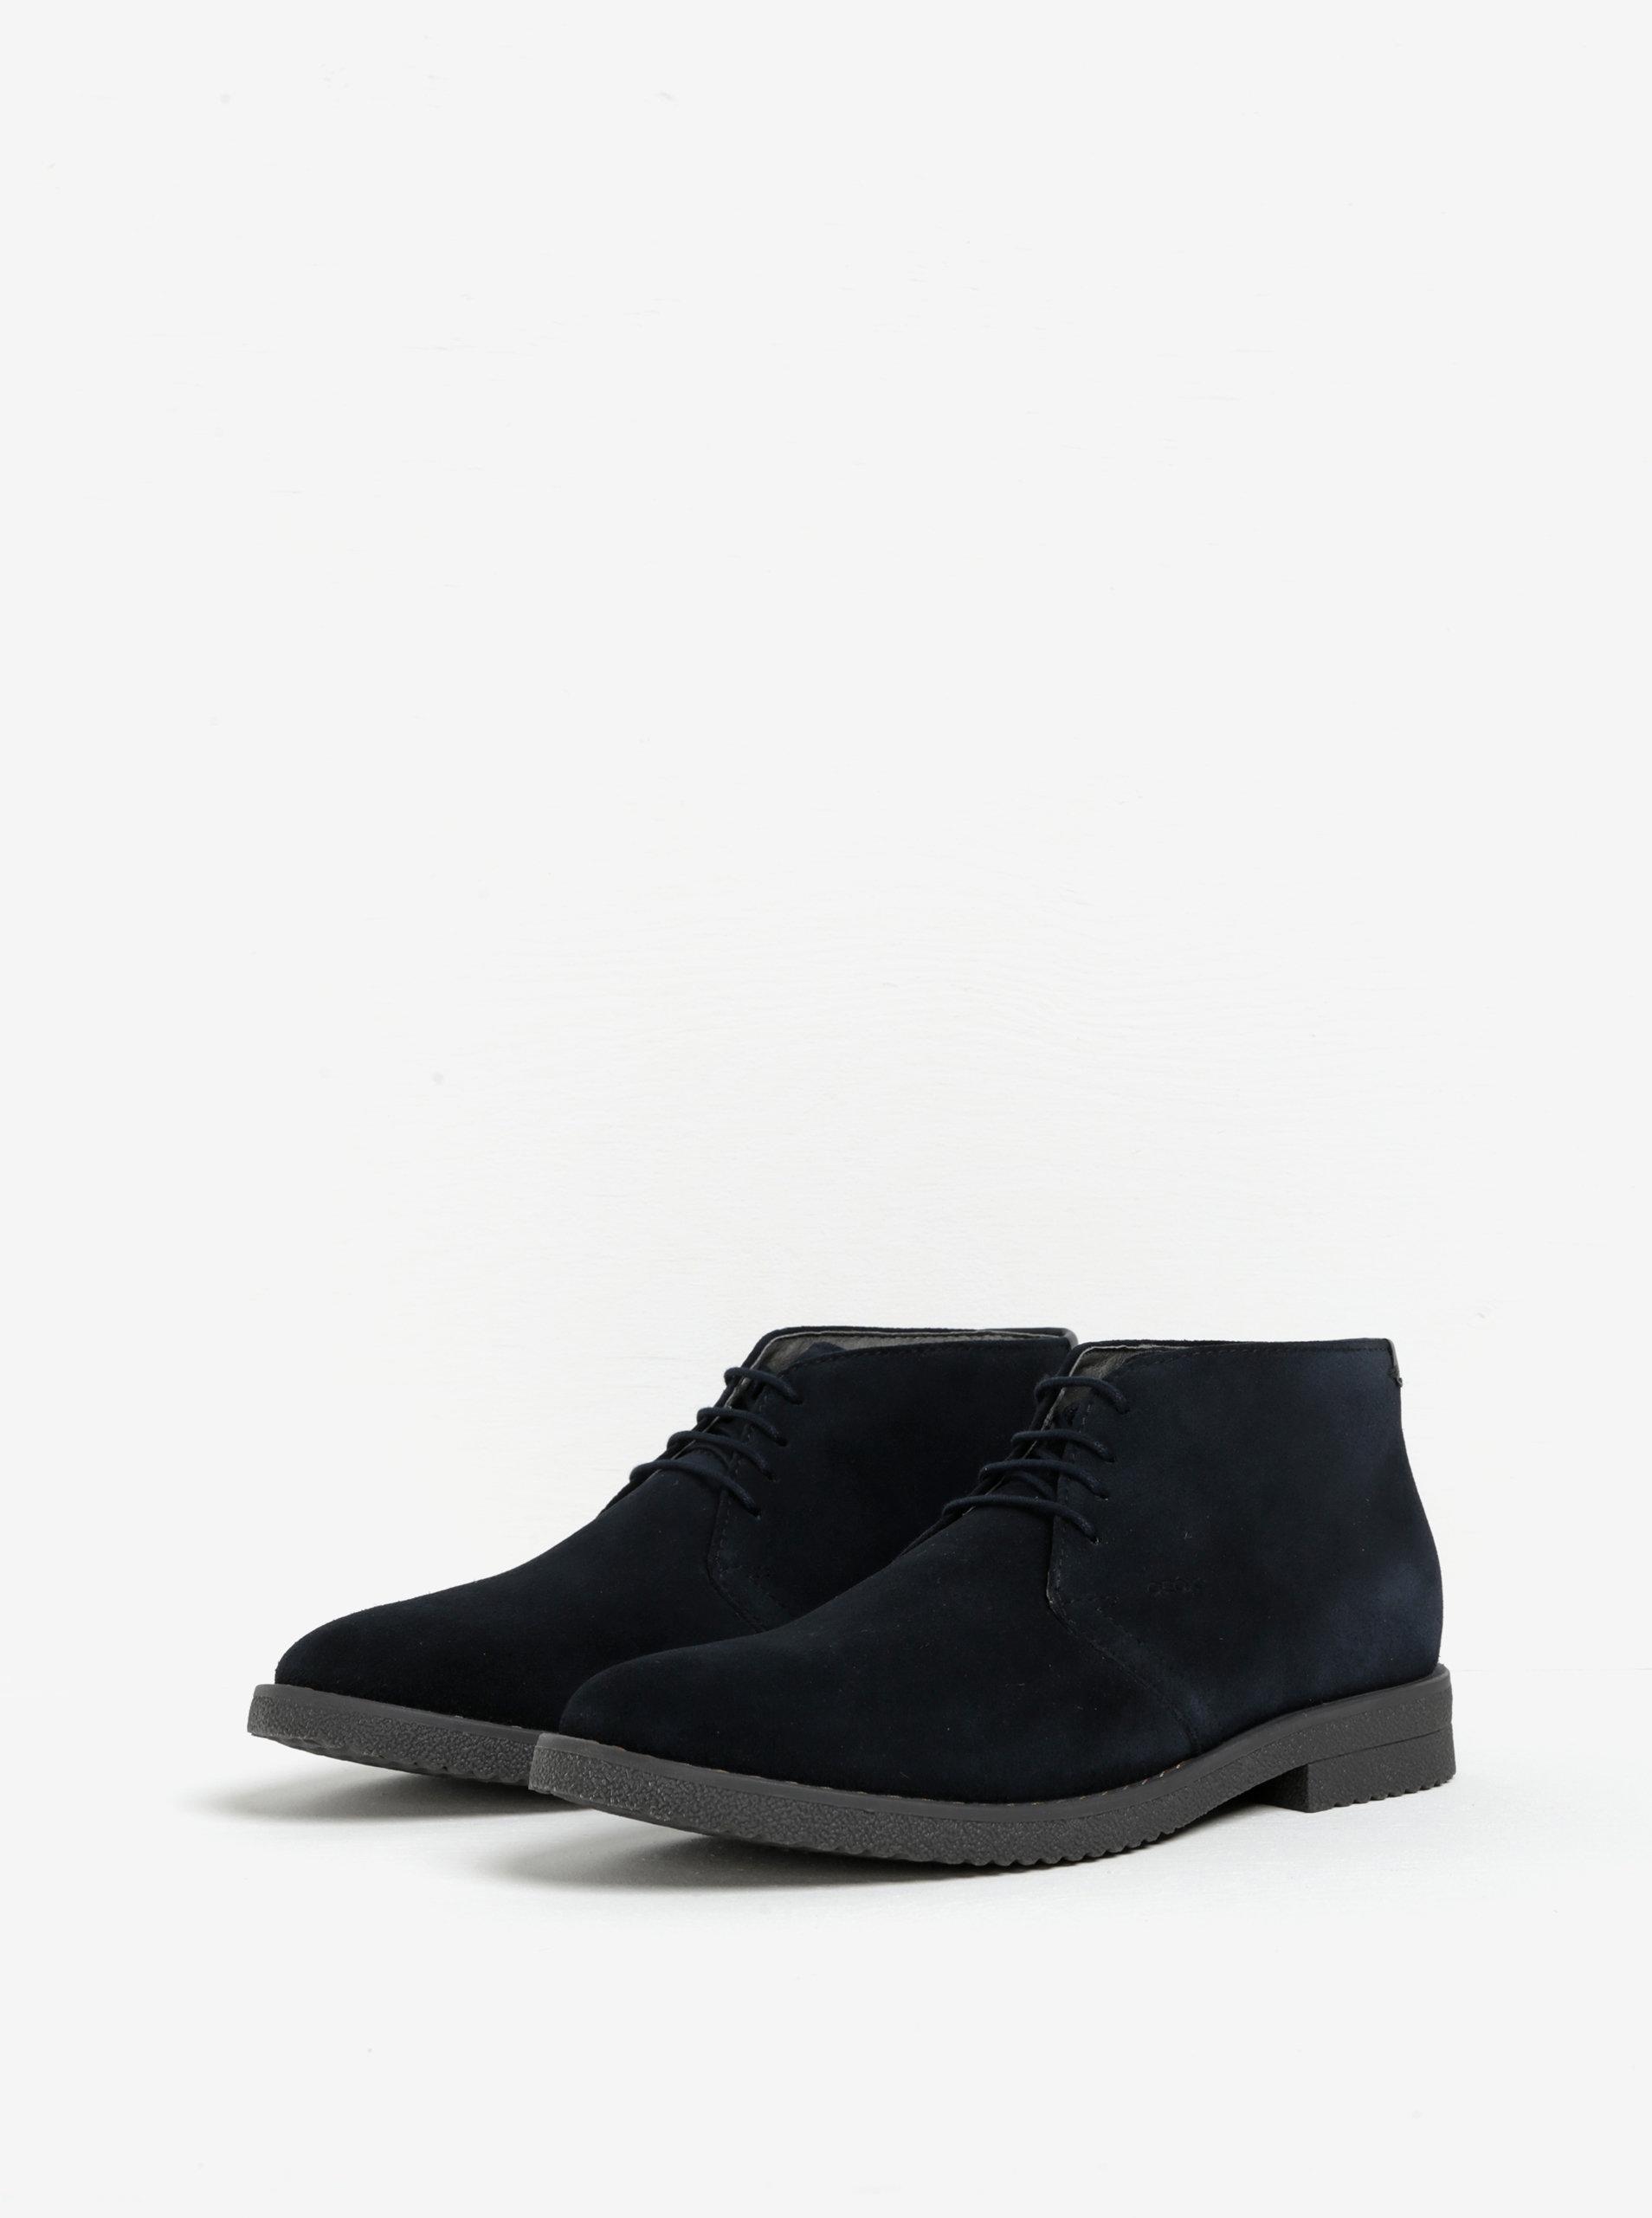 Tmavě modré pánské semišové kotníkové boty Geox Brandled ... f2da43e136